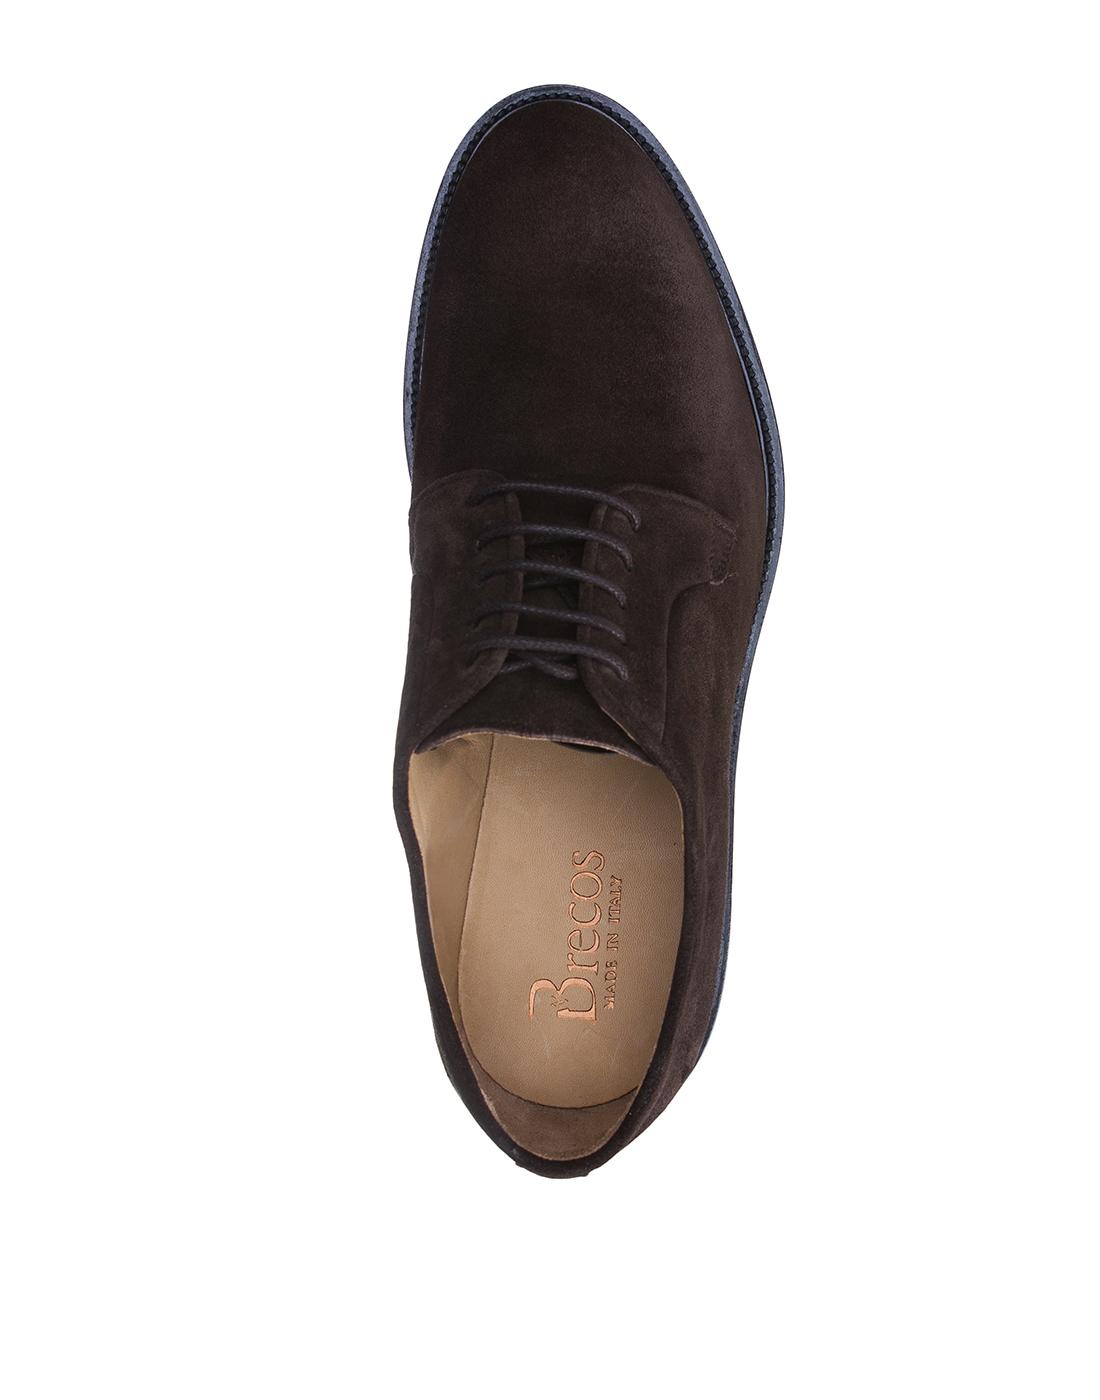 Туфли коричневые мужские Brecos S8073-5